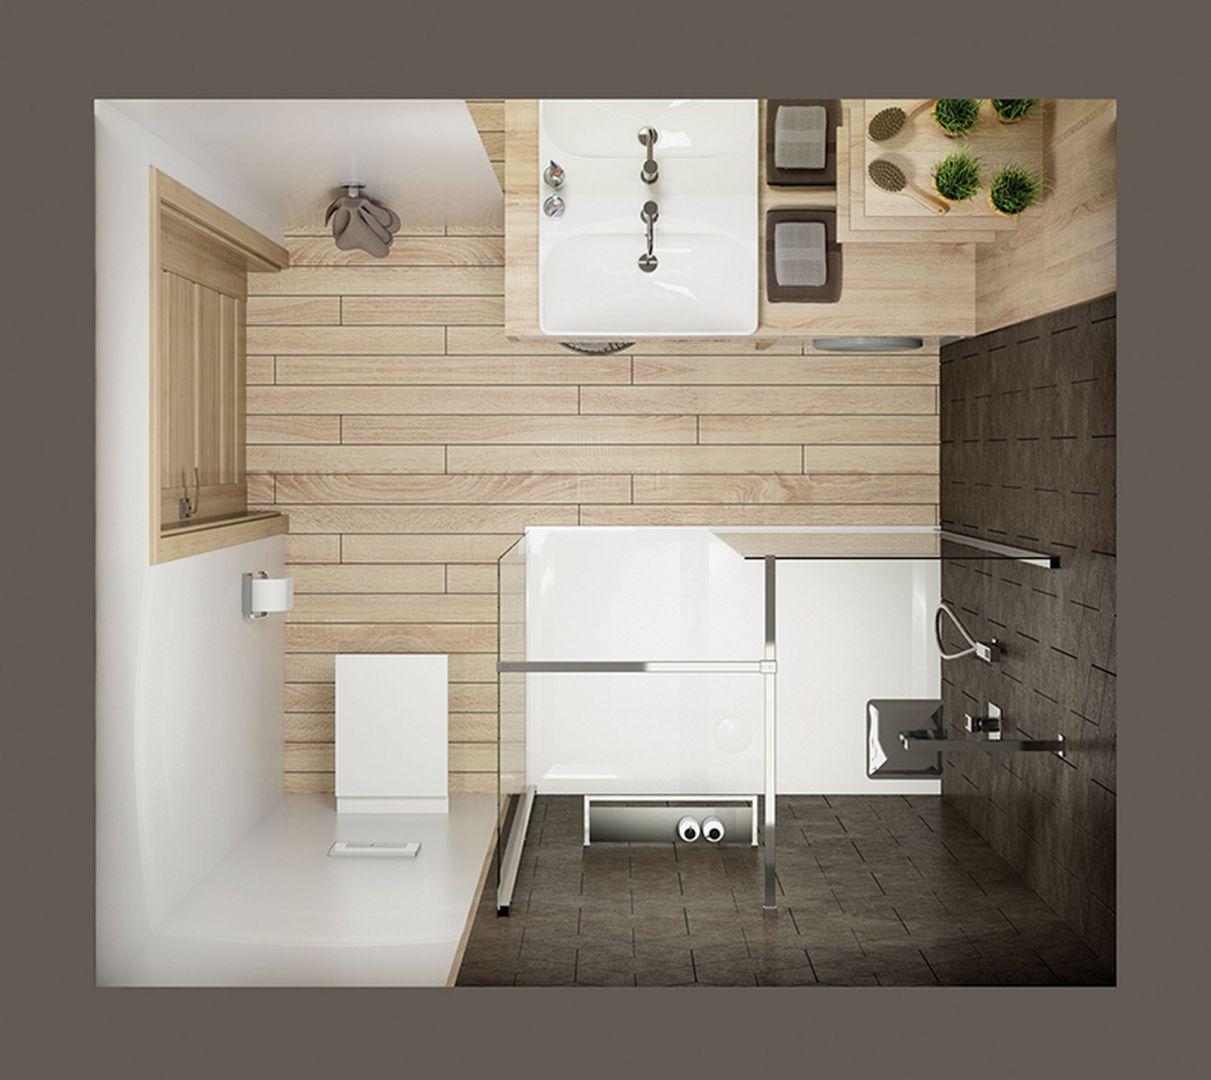 Własnoręczne zamontowanie kabiny i wanny oraz dodatków do nich, jak zestaw prysznicowy czy baterii nie jest niemożliwe, natomiast należy ściśle przestrzegać instrukcji montażu. Fot. Sanplast